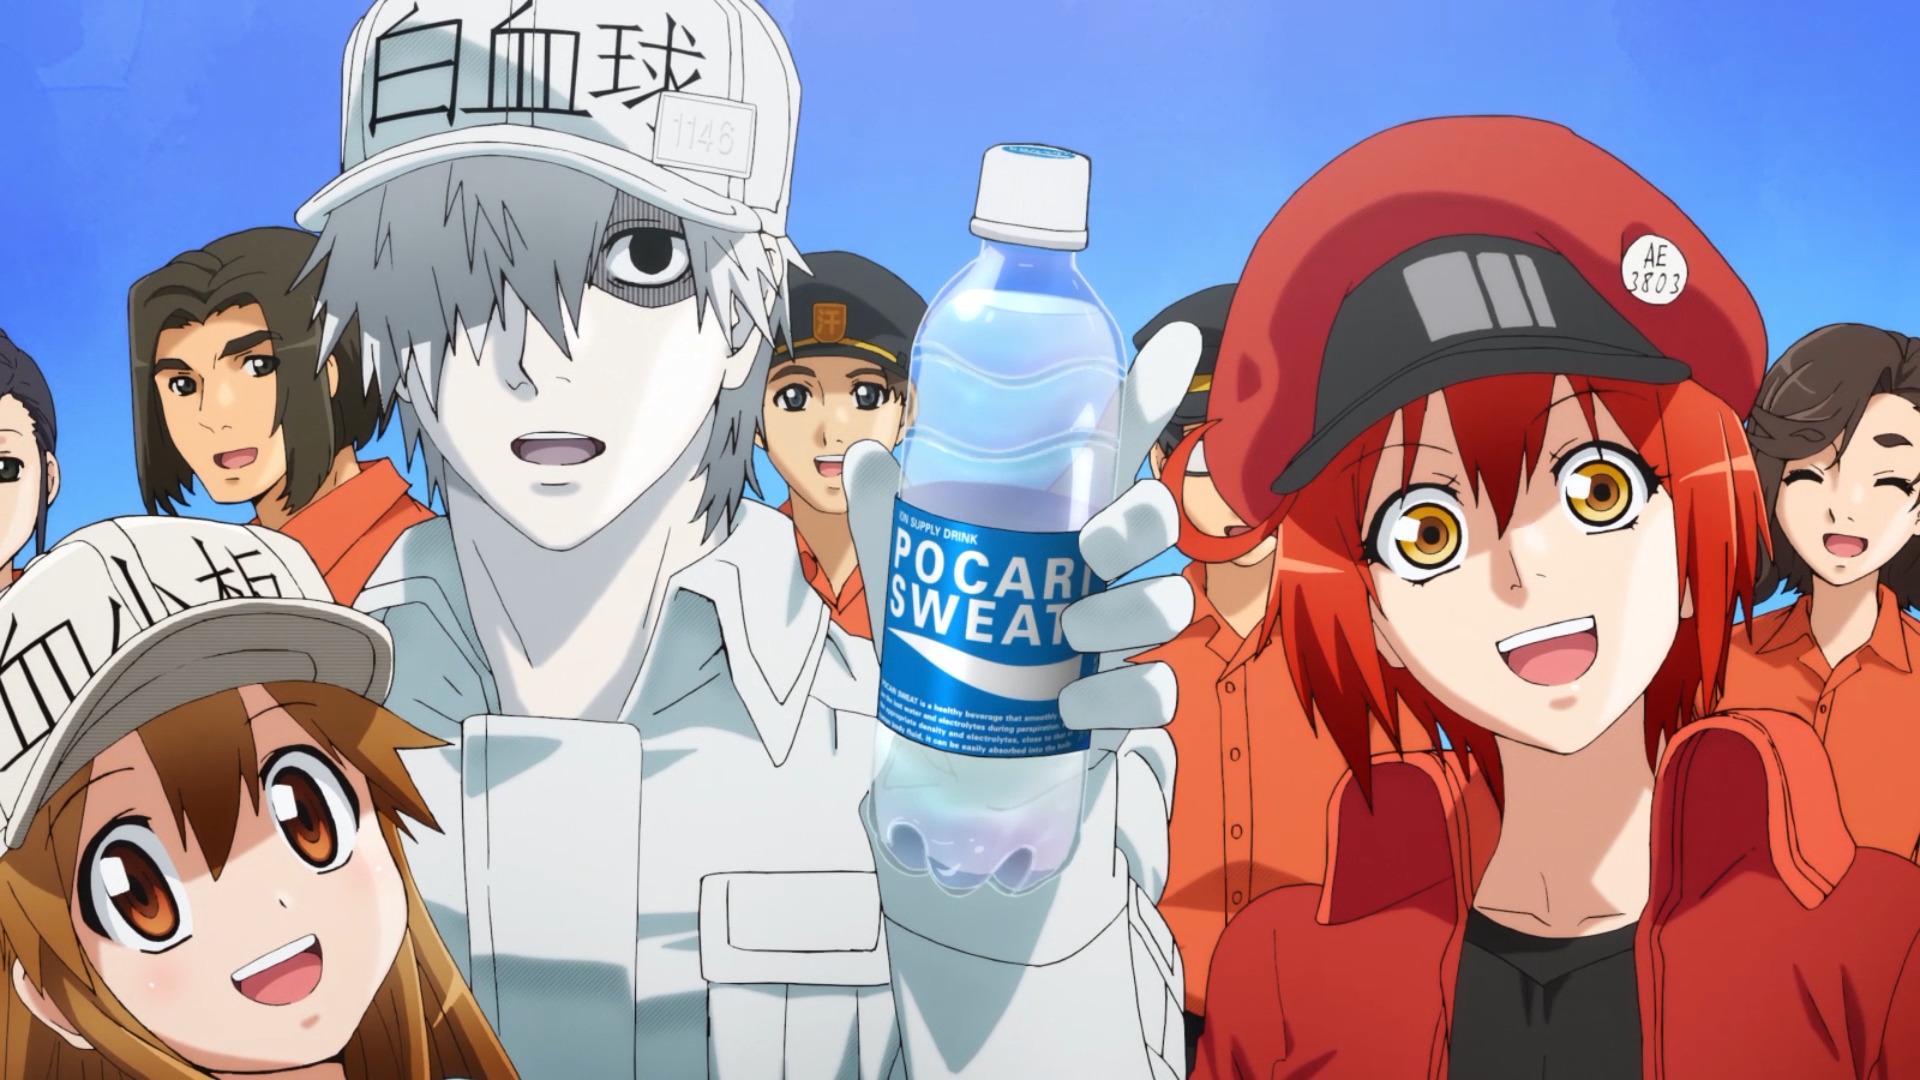 健康飲料「ポカリスエット」と体内細胞擬人化TVアニメ「はたらく細胞」がスペシャルタッグ04